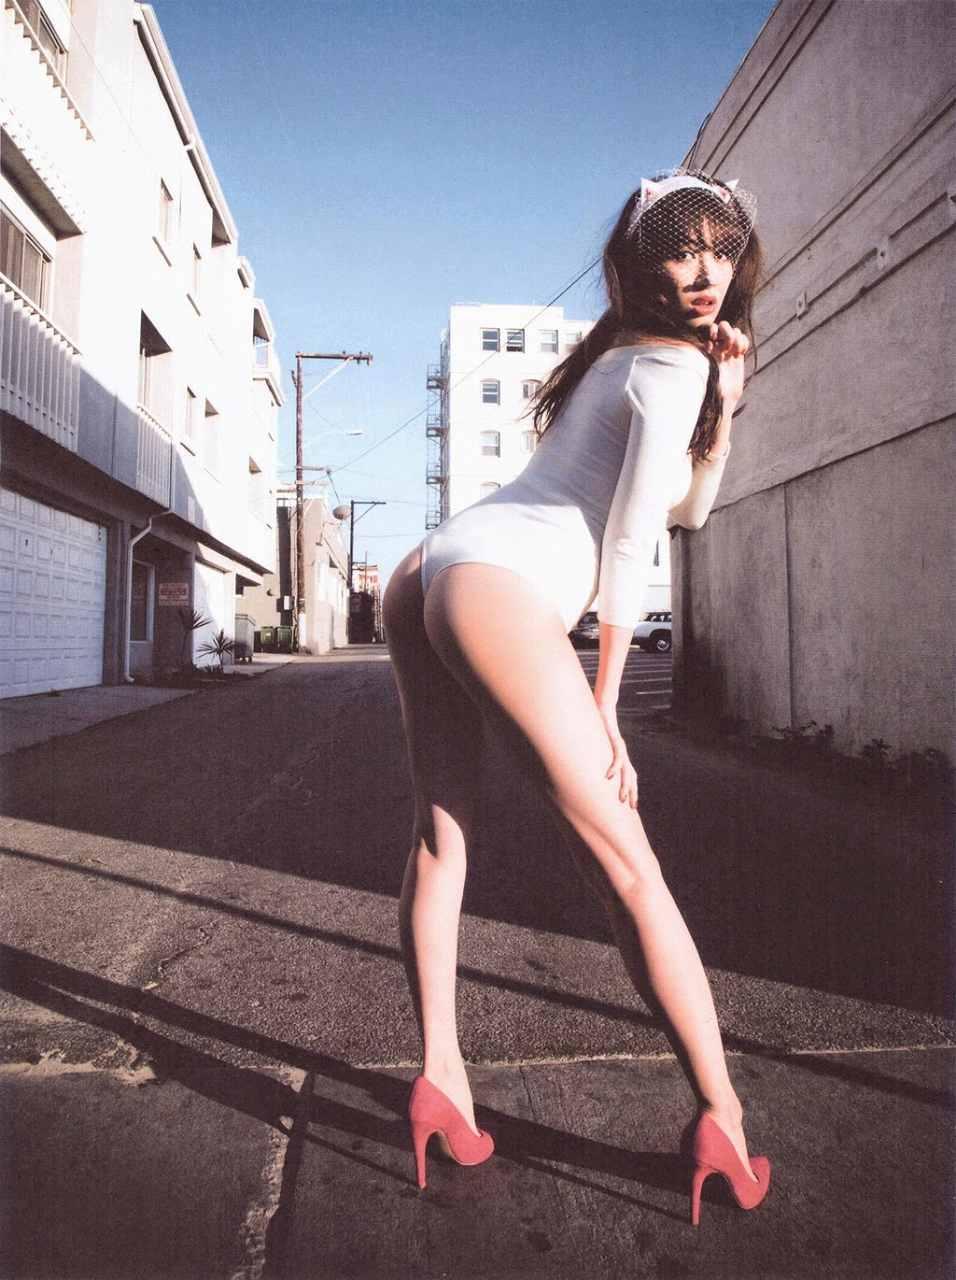 小嶋陽菜写真集「どうする?」のTバック画像